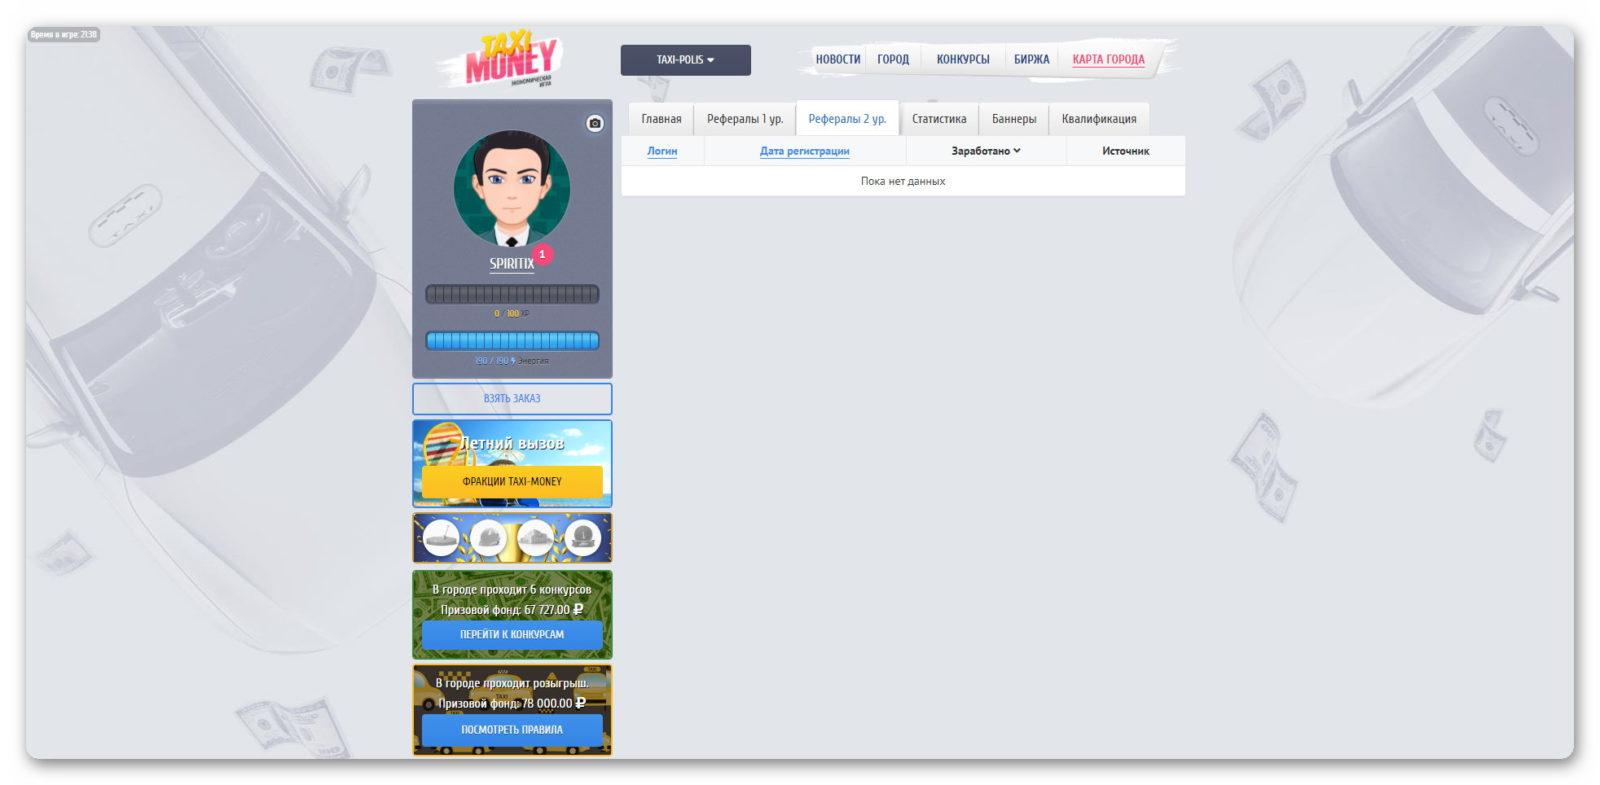 Рефералы 2 уровня в игре Taxi-Money